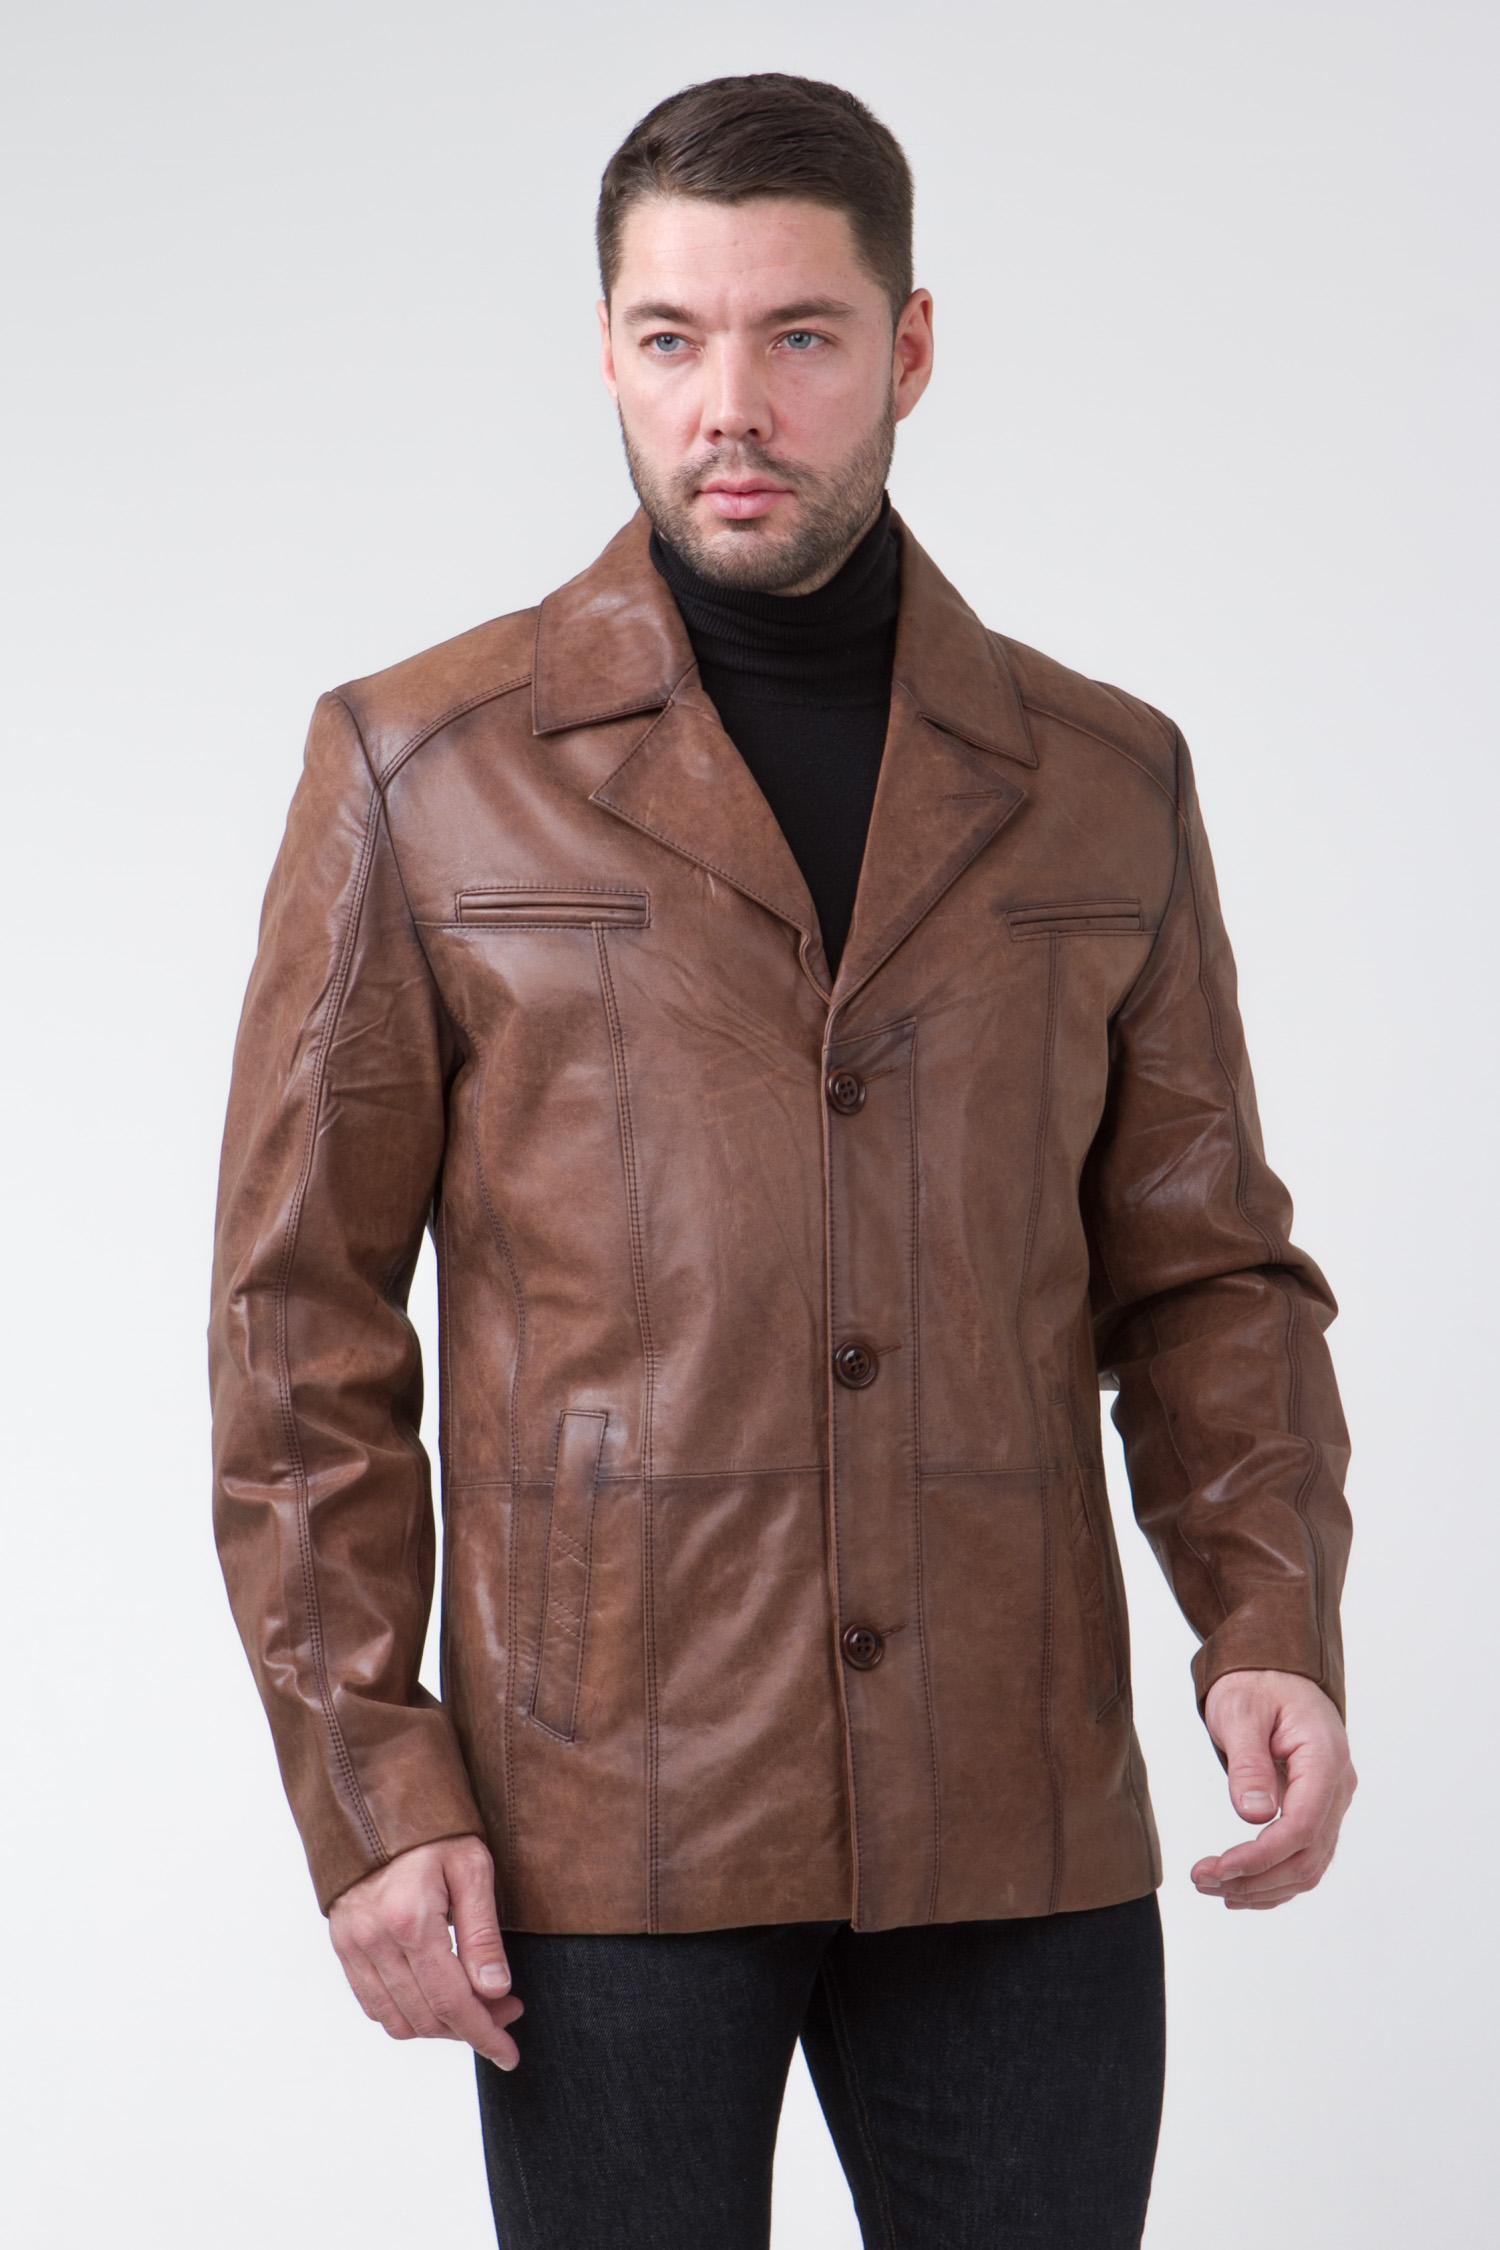 Мужская кожаная куртка из натуральной кожи с воротником, без отделки<br><br>Воротник: английский<br>Длина см: Короткая (51-74 )<br>Материал: Кожа овчина<br>Цвет: коричневый<br>Вид застежки: центральная<br>Застежка: на пуговицы<br>Пол: Мужской<br>Размер RU: 60